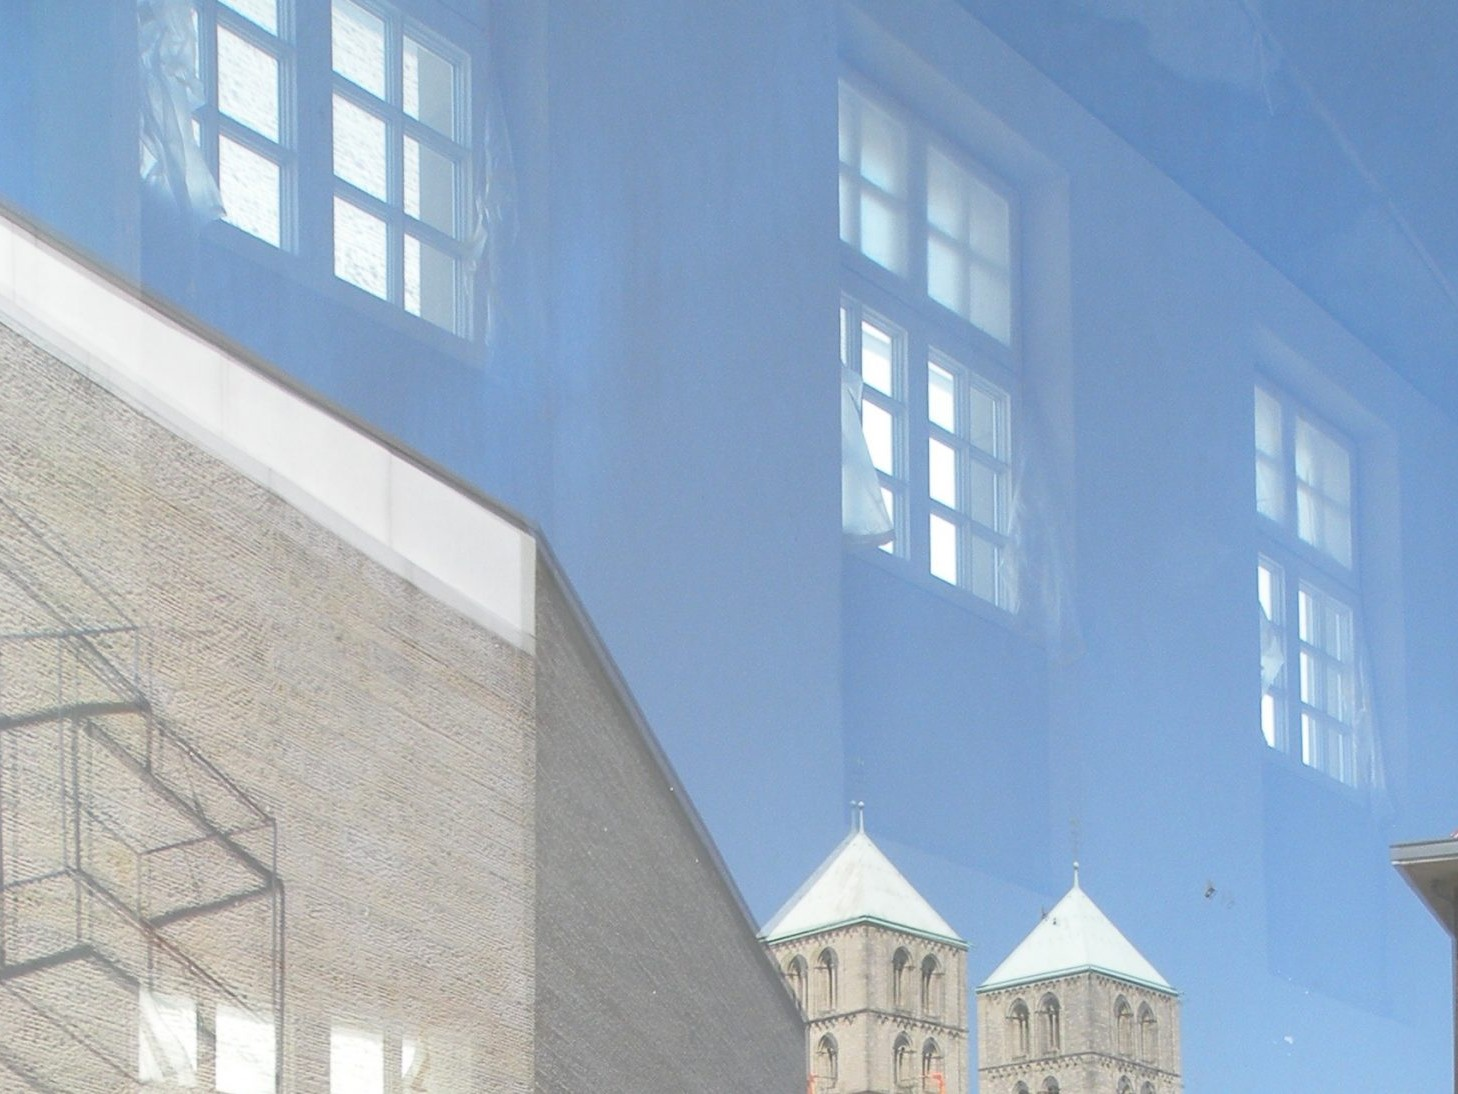 Münster: Spiegelung im Fenster des Geo-Museums - Foto: Stefan Rethfeld